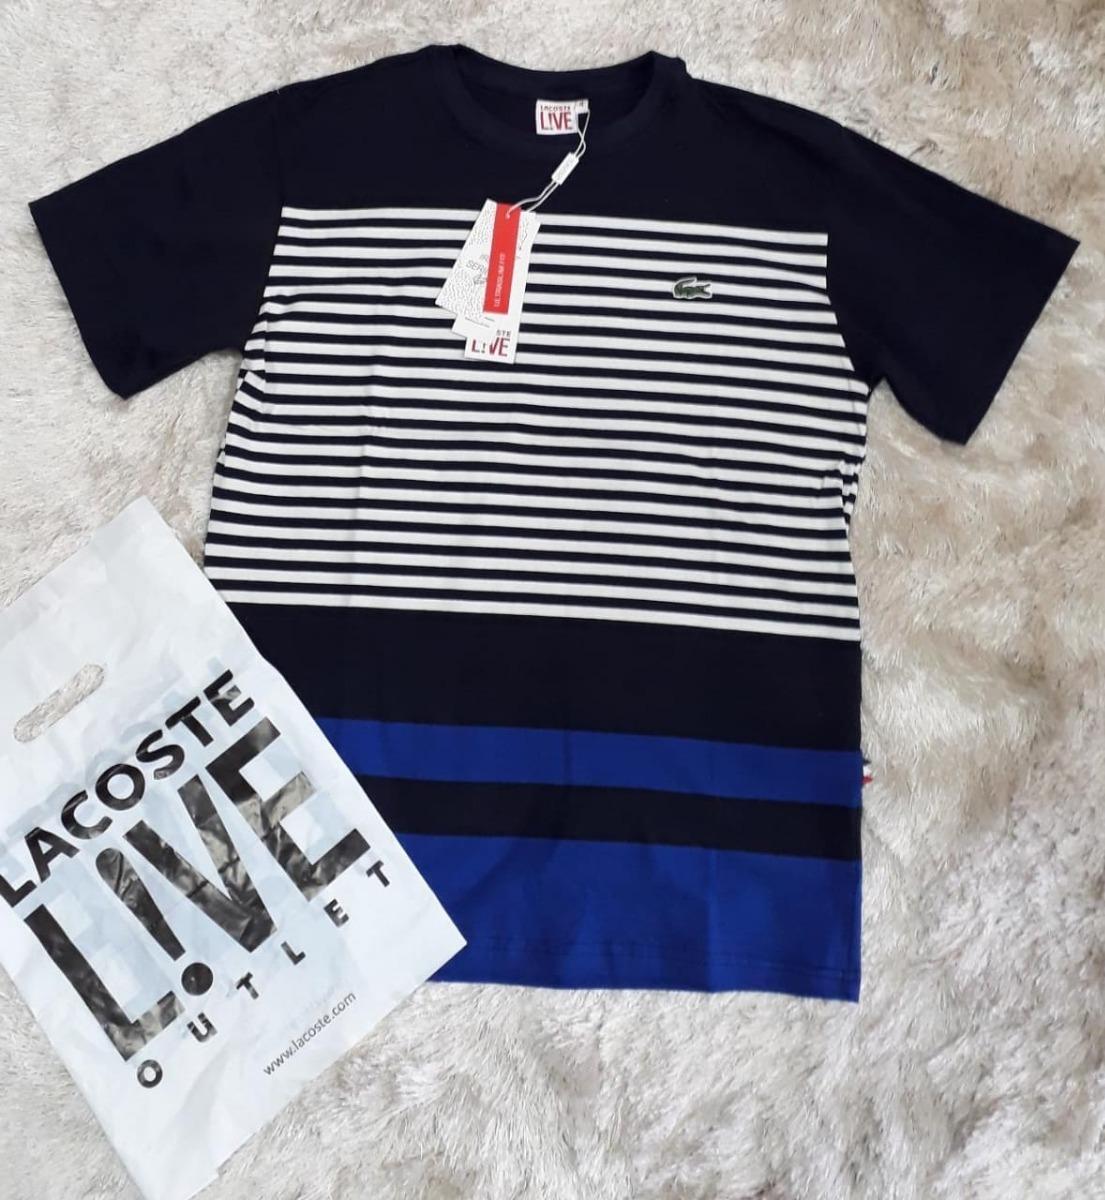 df383363ca86a camisa camiseta lacoste listrada masc preto azul original. Carregando zoom.